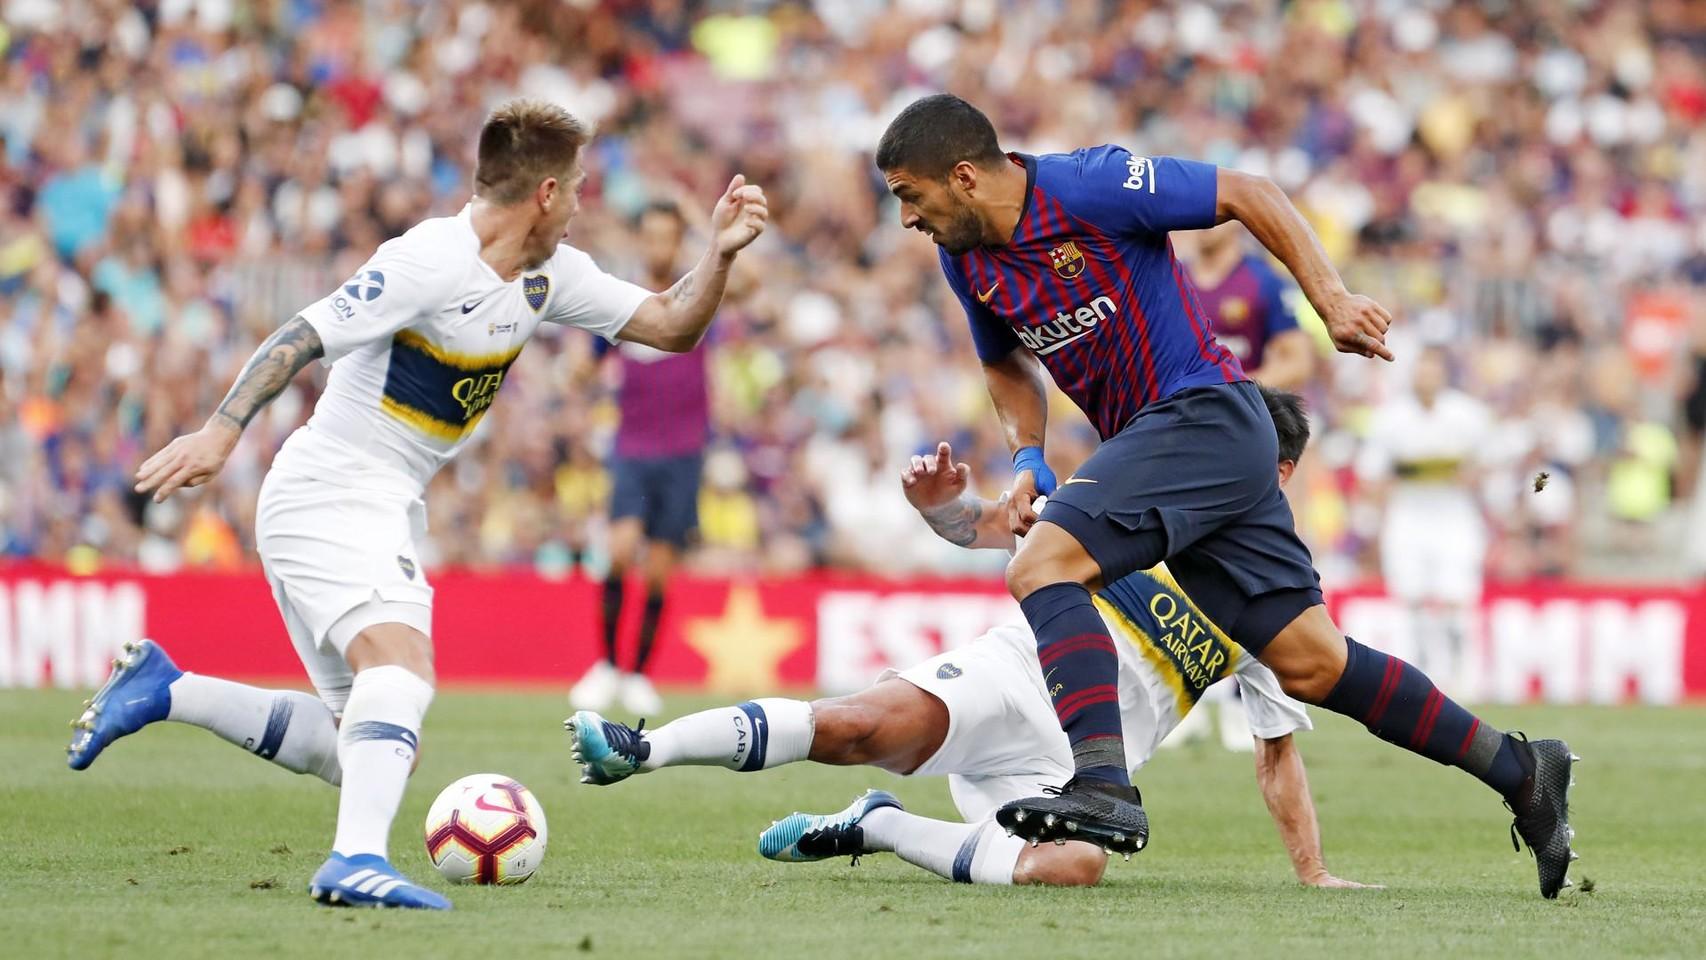 صور مباراة : برشلونة - بوكا جونيورز ( 16-08-2018 )  95974966